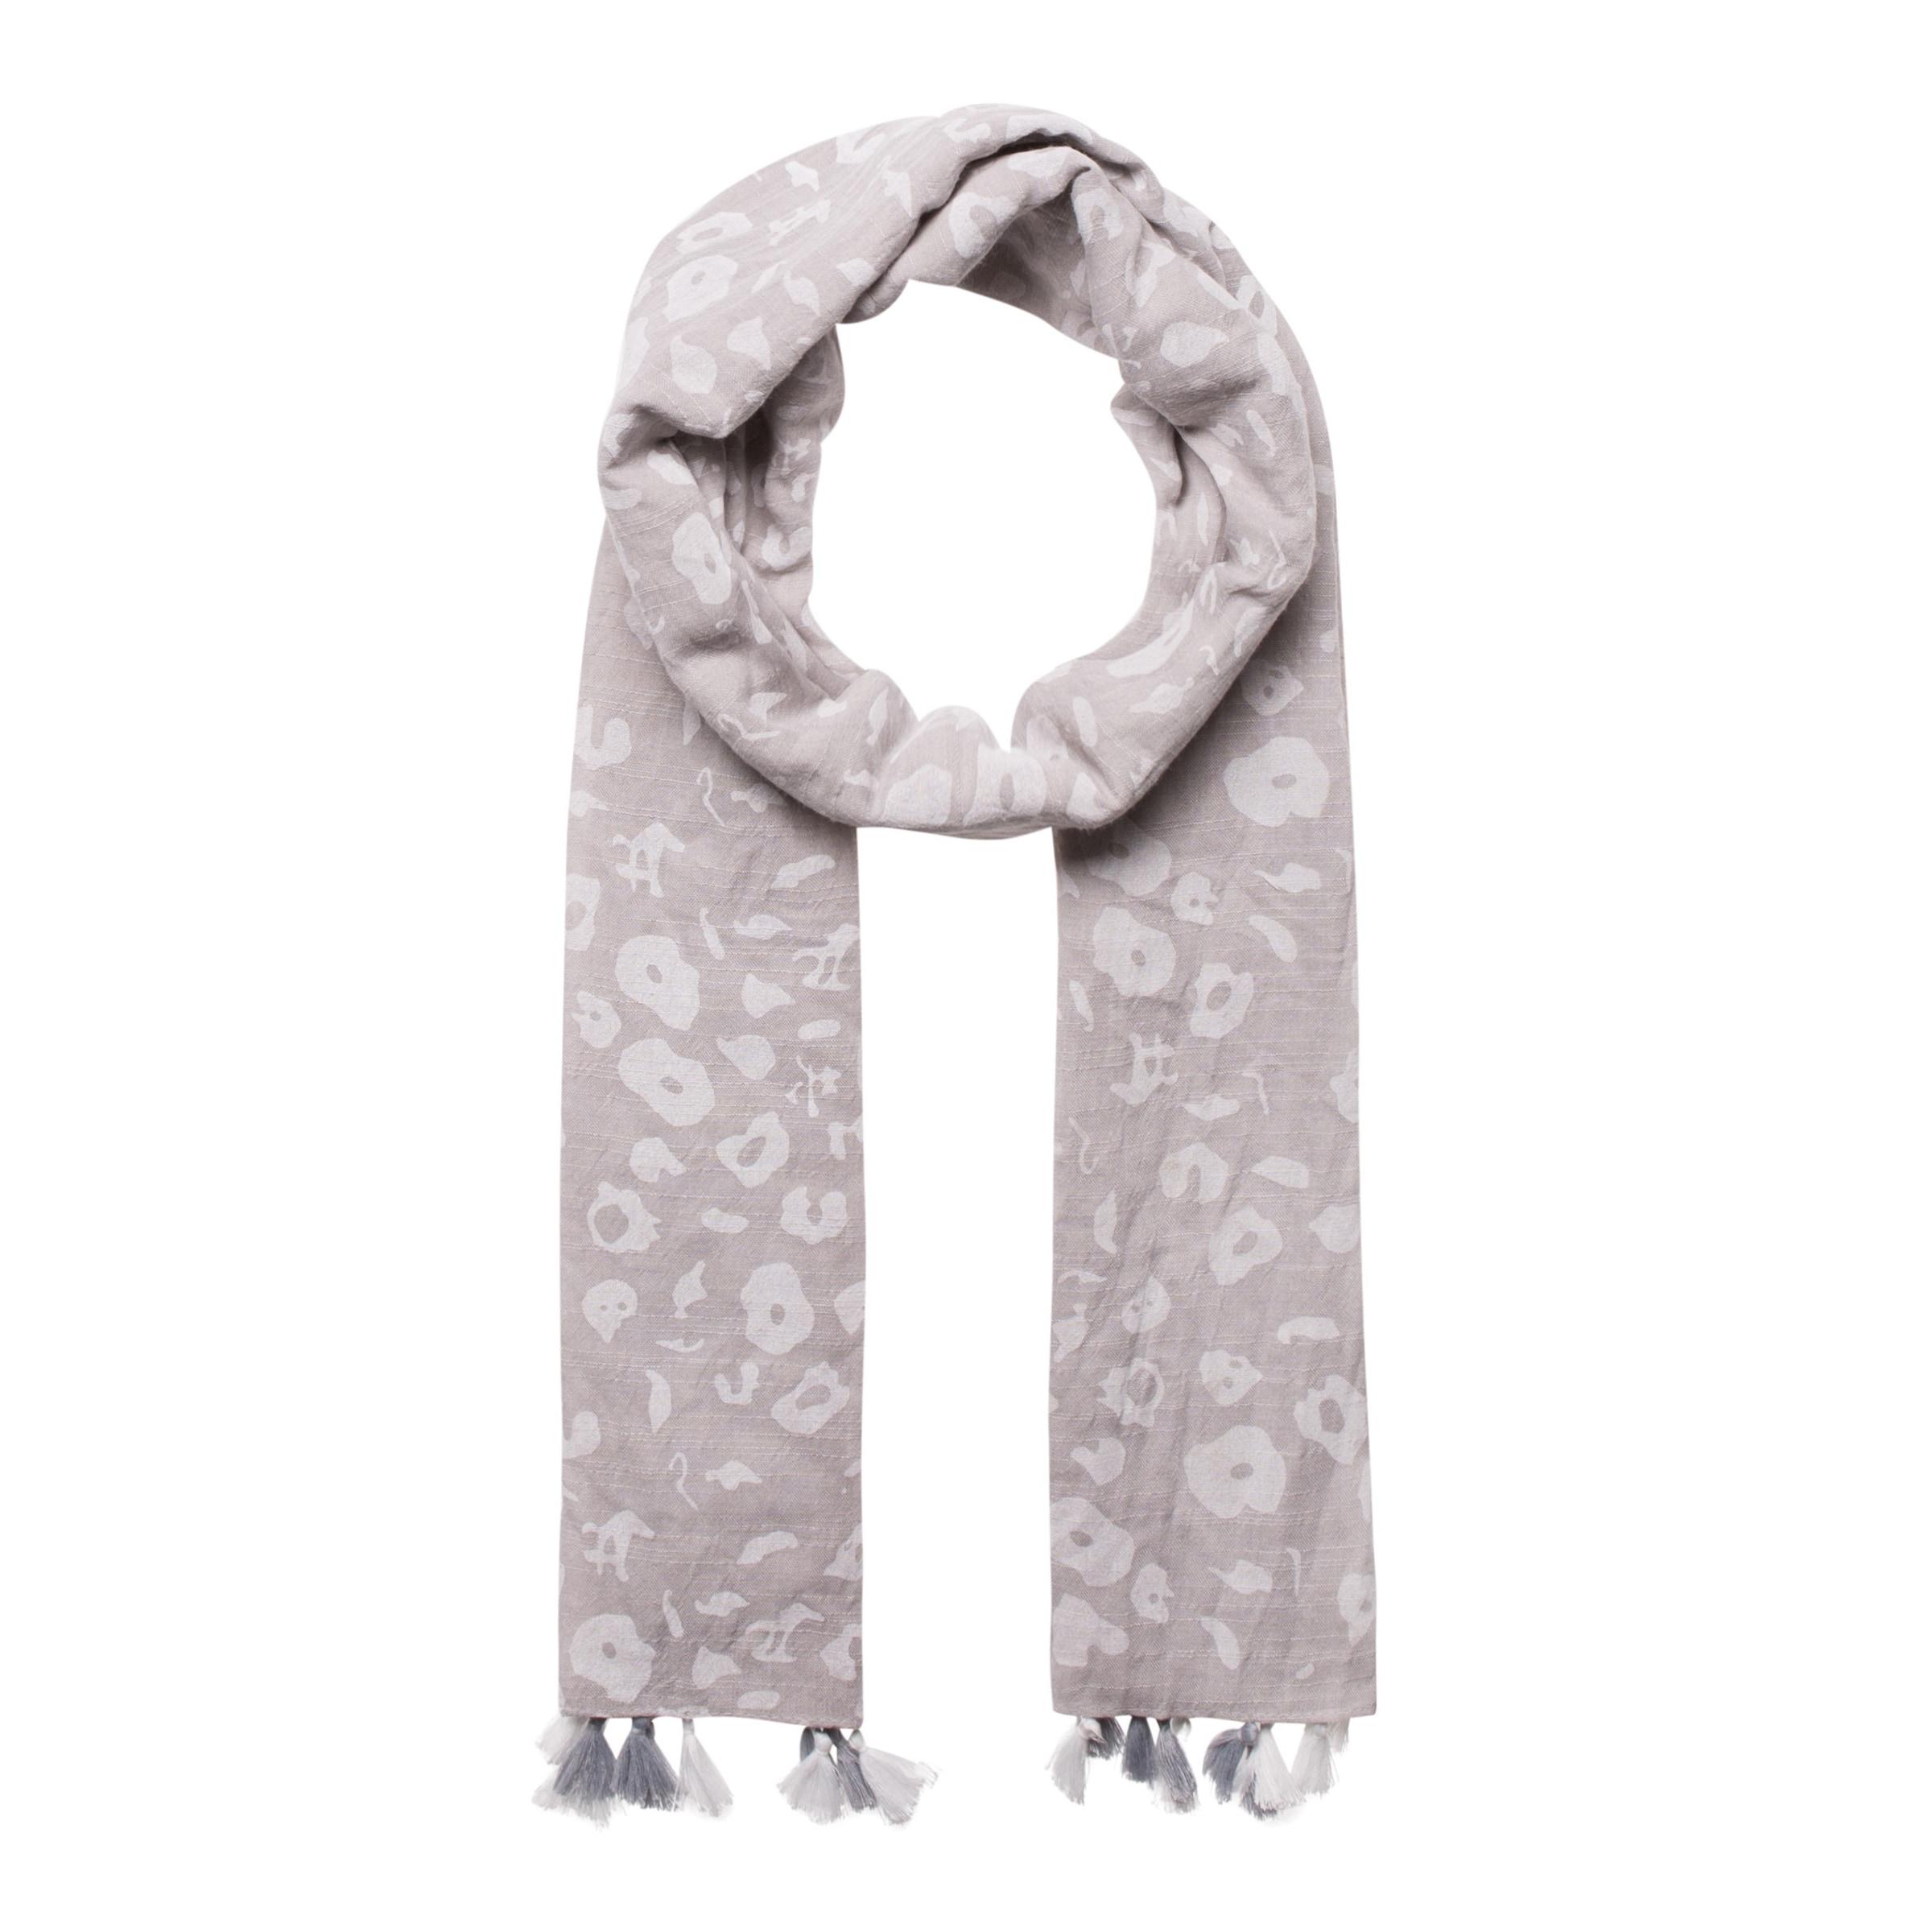 Einkaufen Outlet Online CODELLO Schal mit Bommeln Amazon Günstiger Preis Auslass Gute Qualität HE3tMpPx